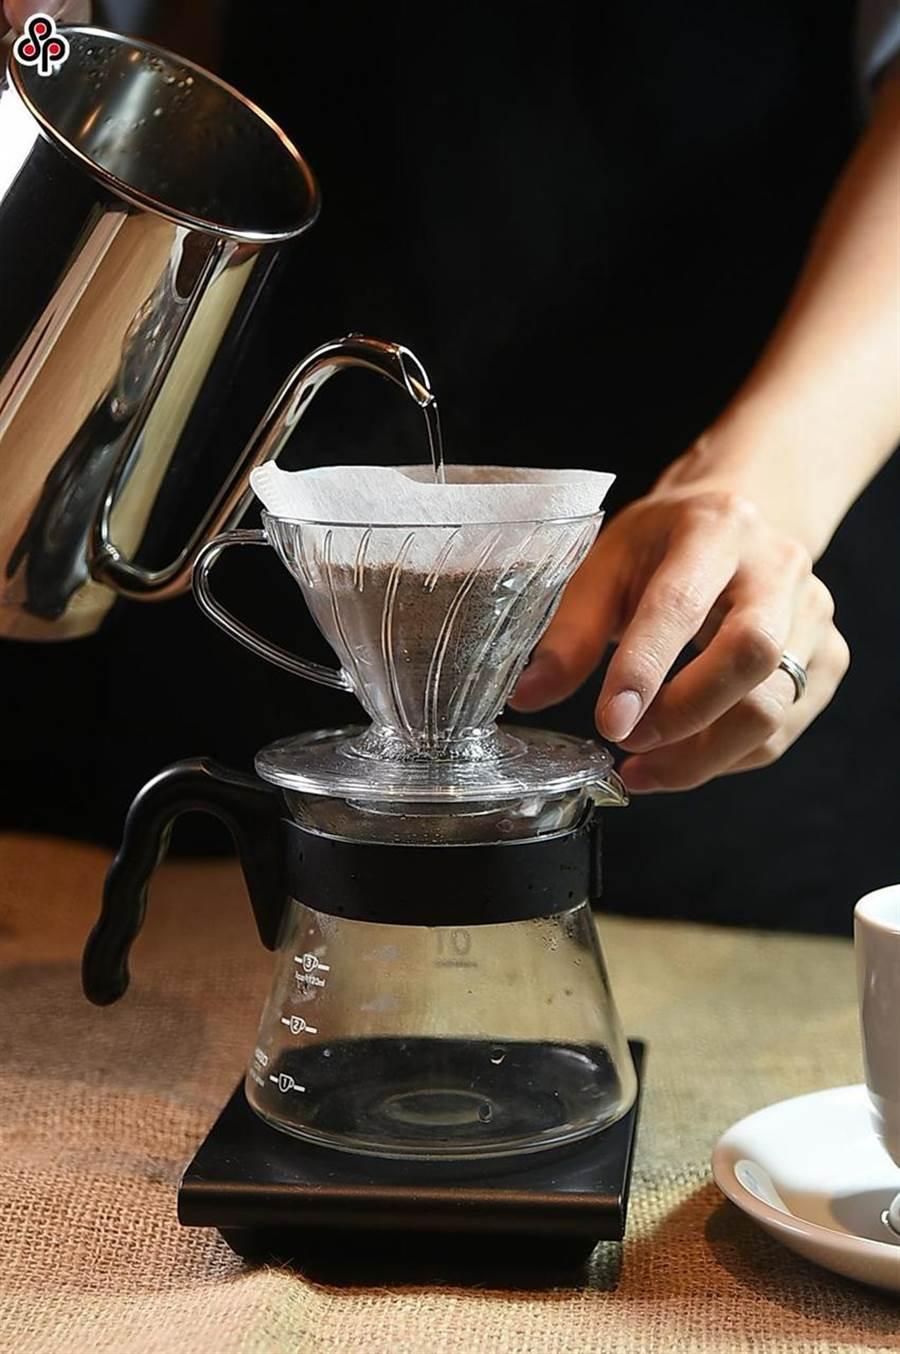 (咖啡示意圖,與本文內容無關。圖/本報系資料照)